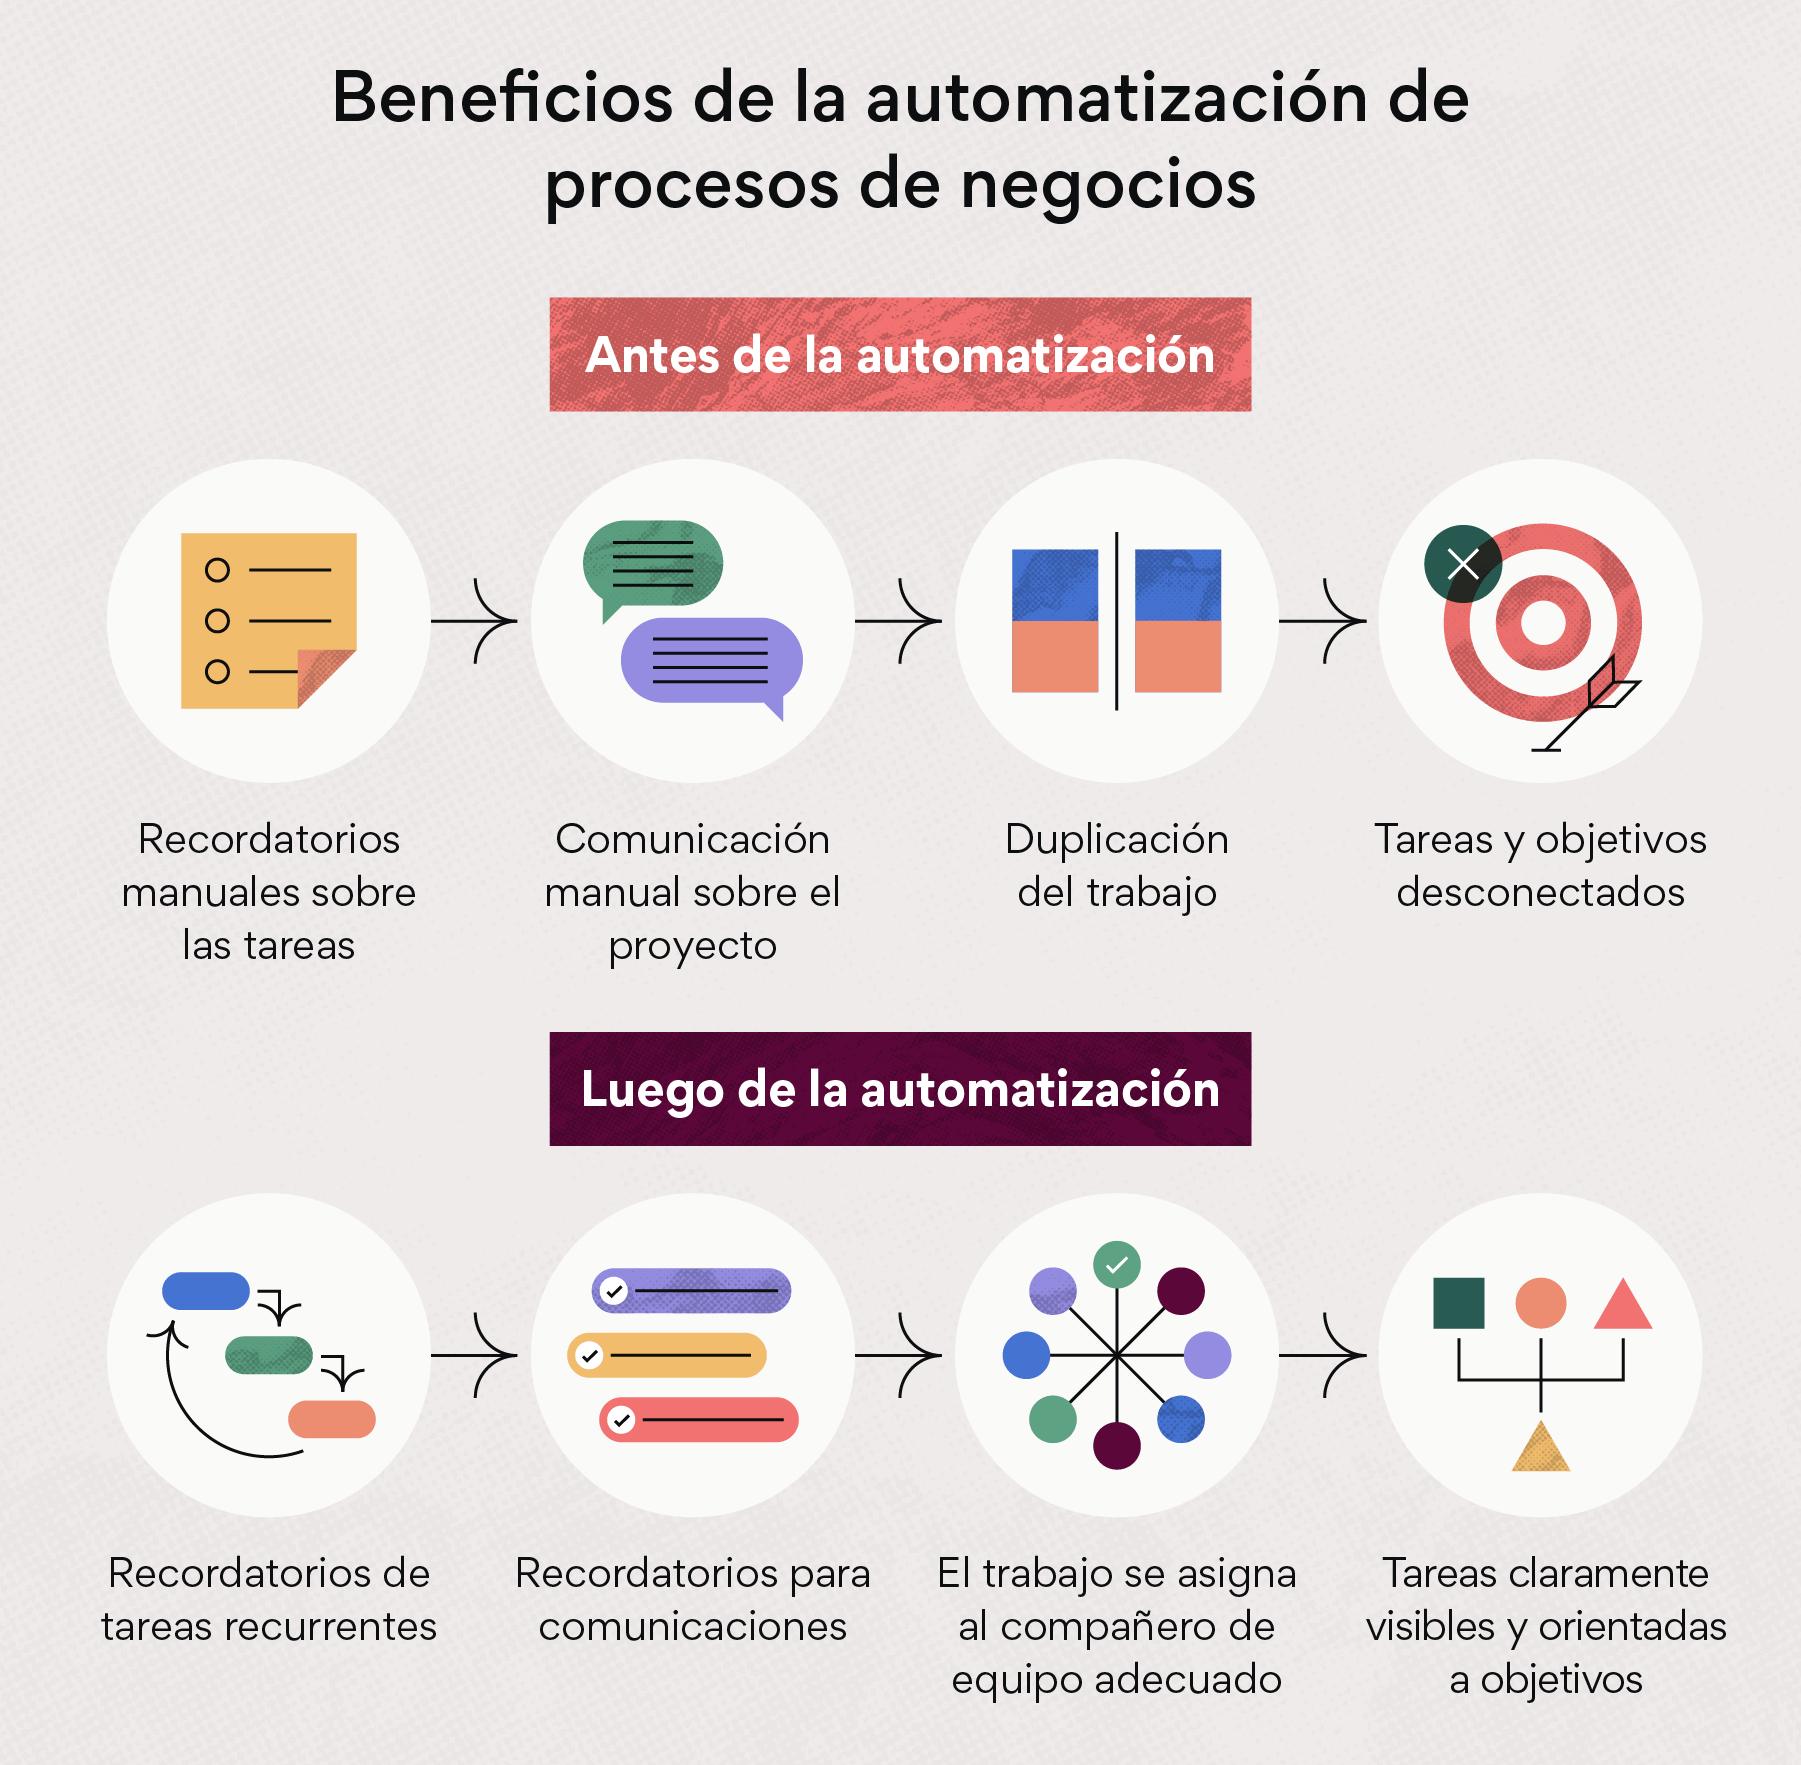 Soluciones de automatización de procesos de negocios